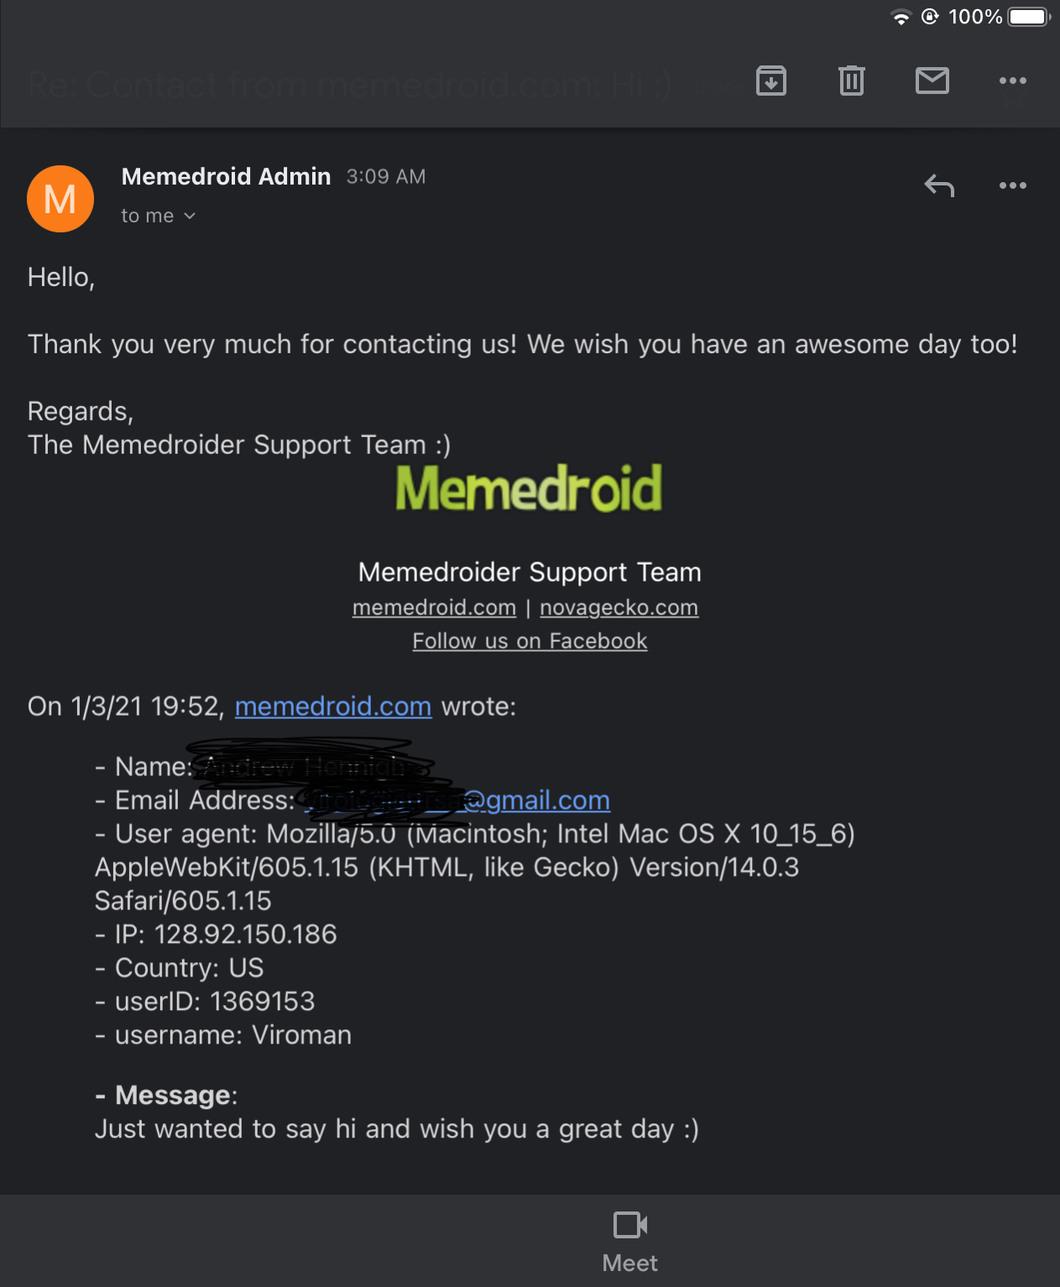 We should all say hi to memedroid :)